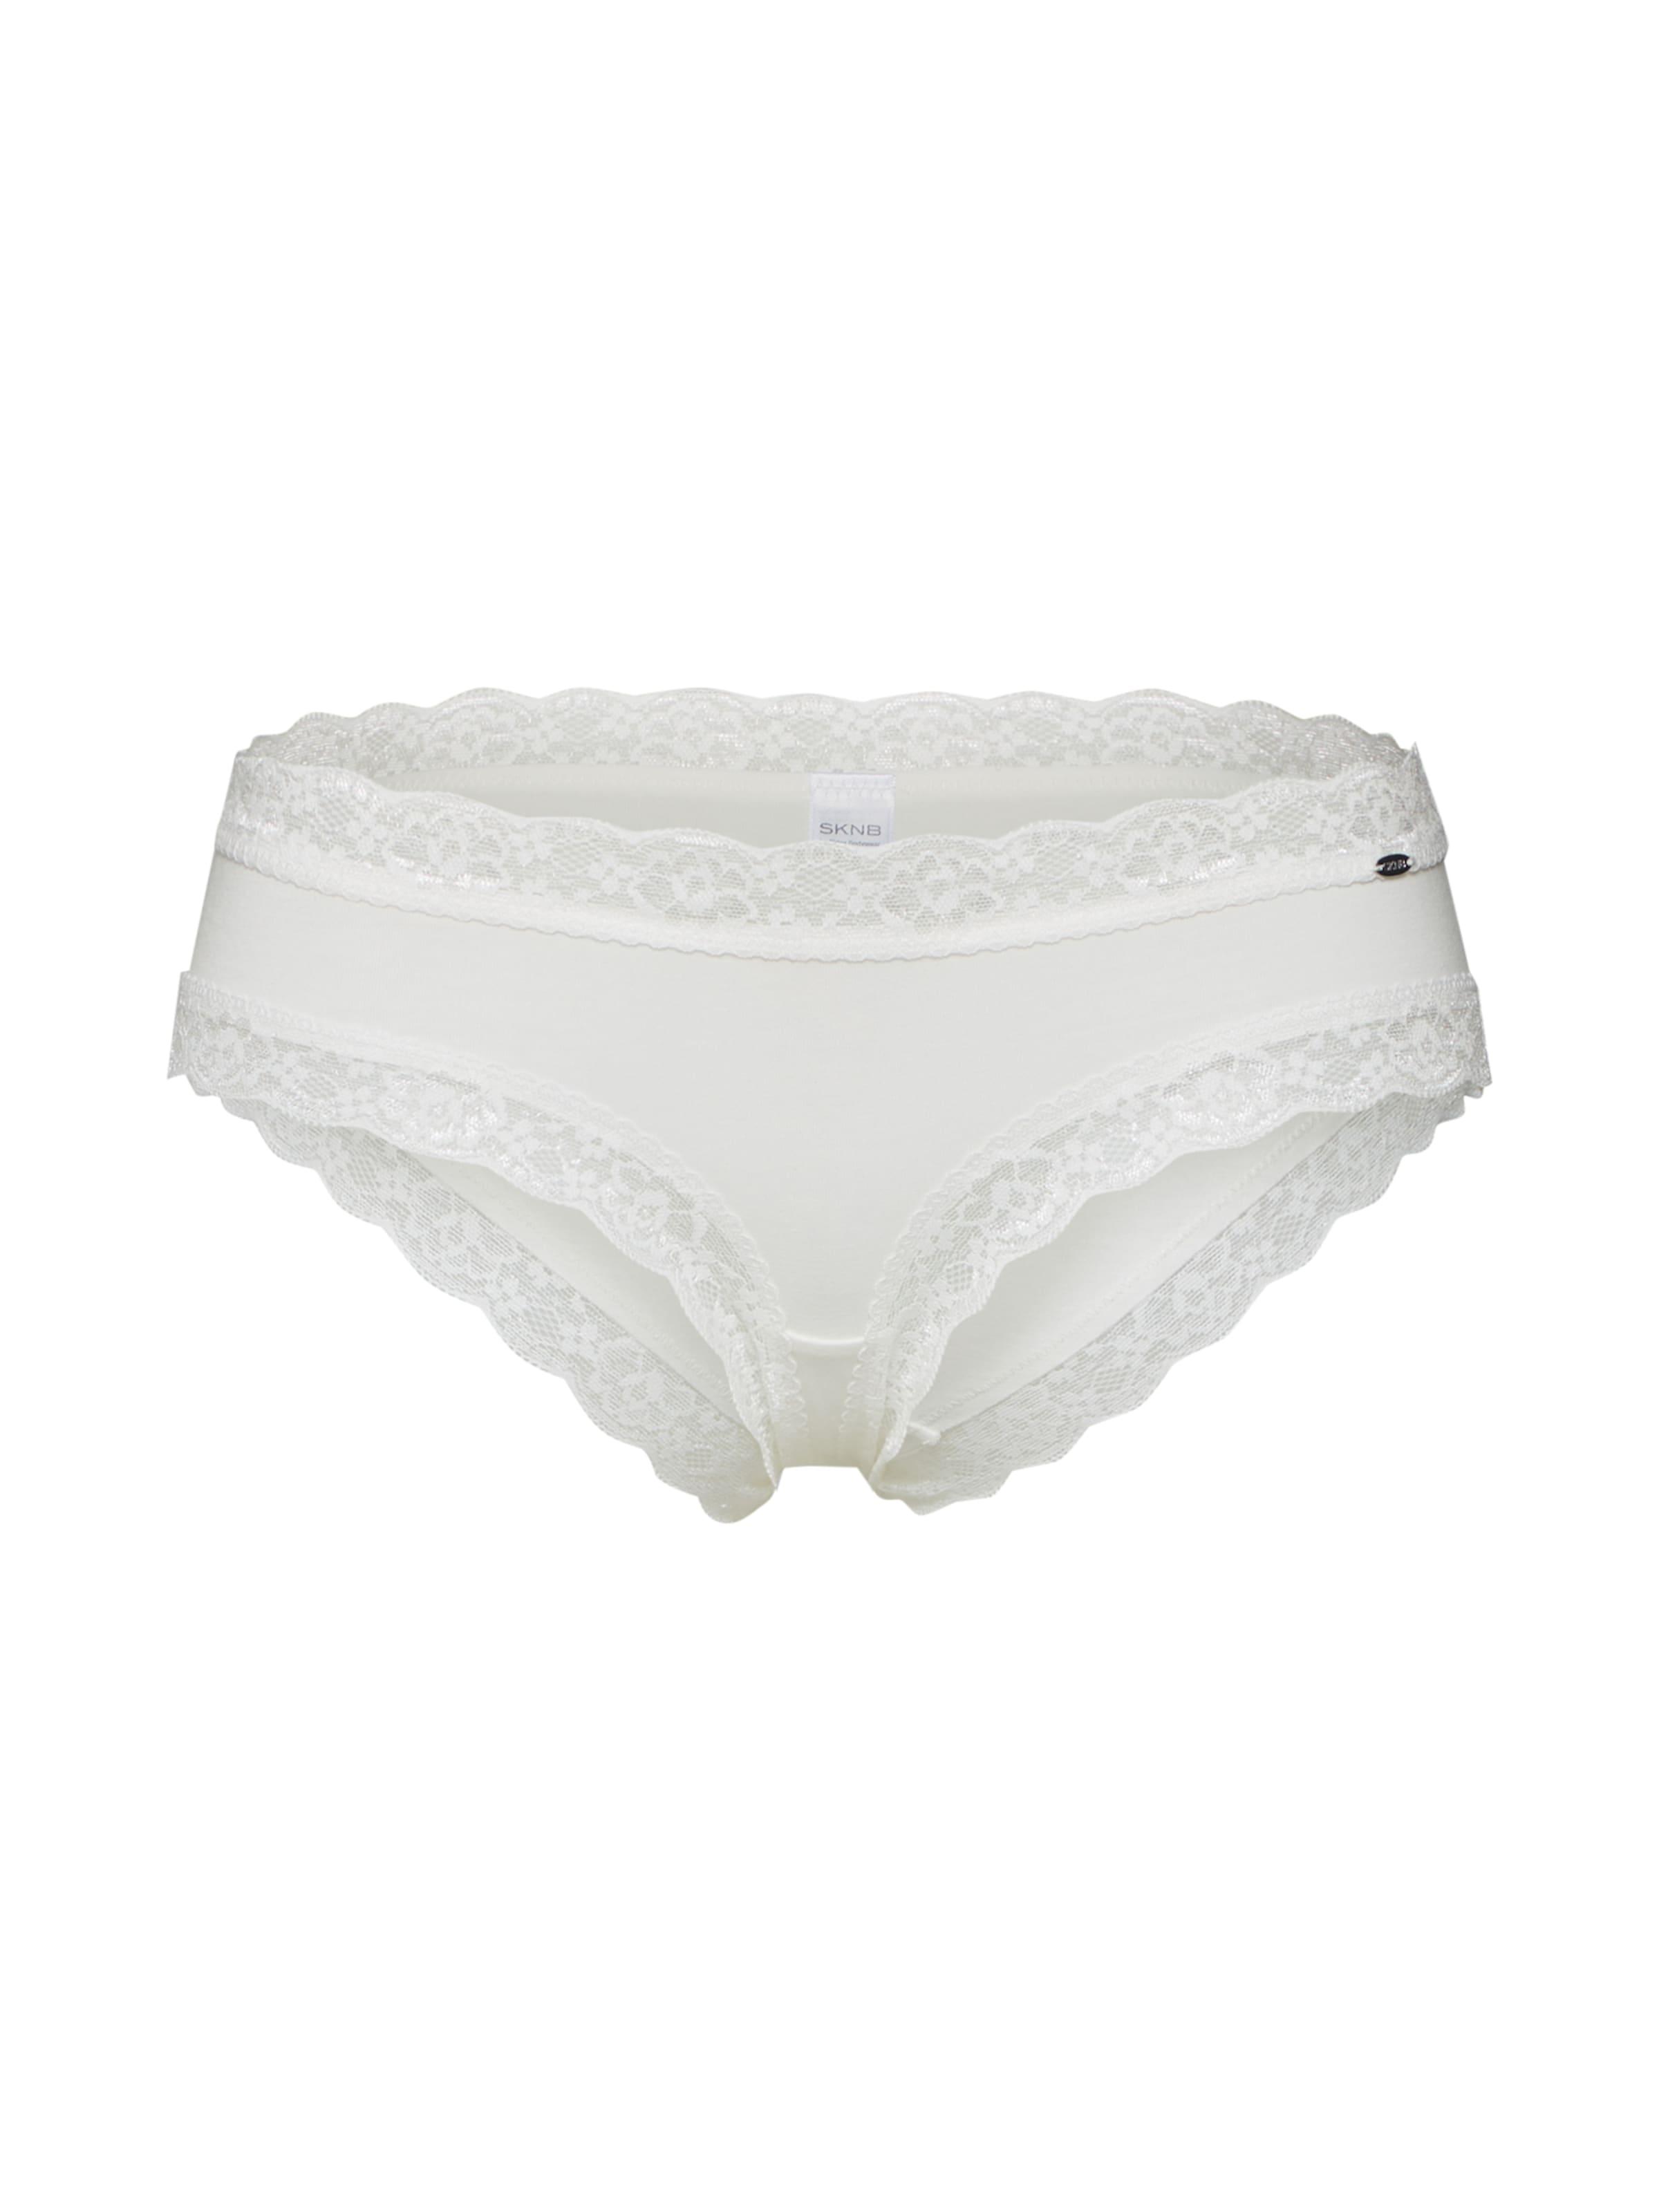 Cotton De Culotte Skiny Mélange Mix' CouleursRose Blanc En 'sweet dBeCWrxo